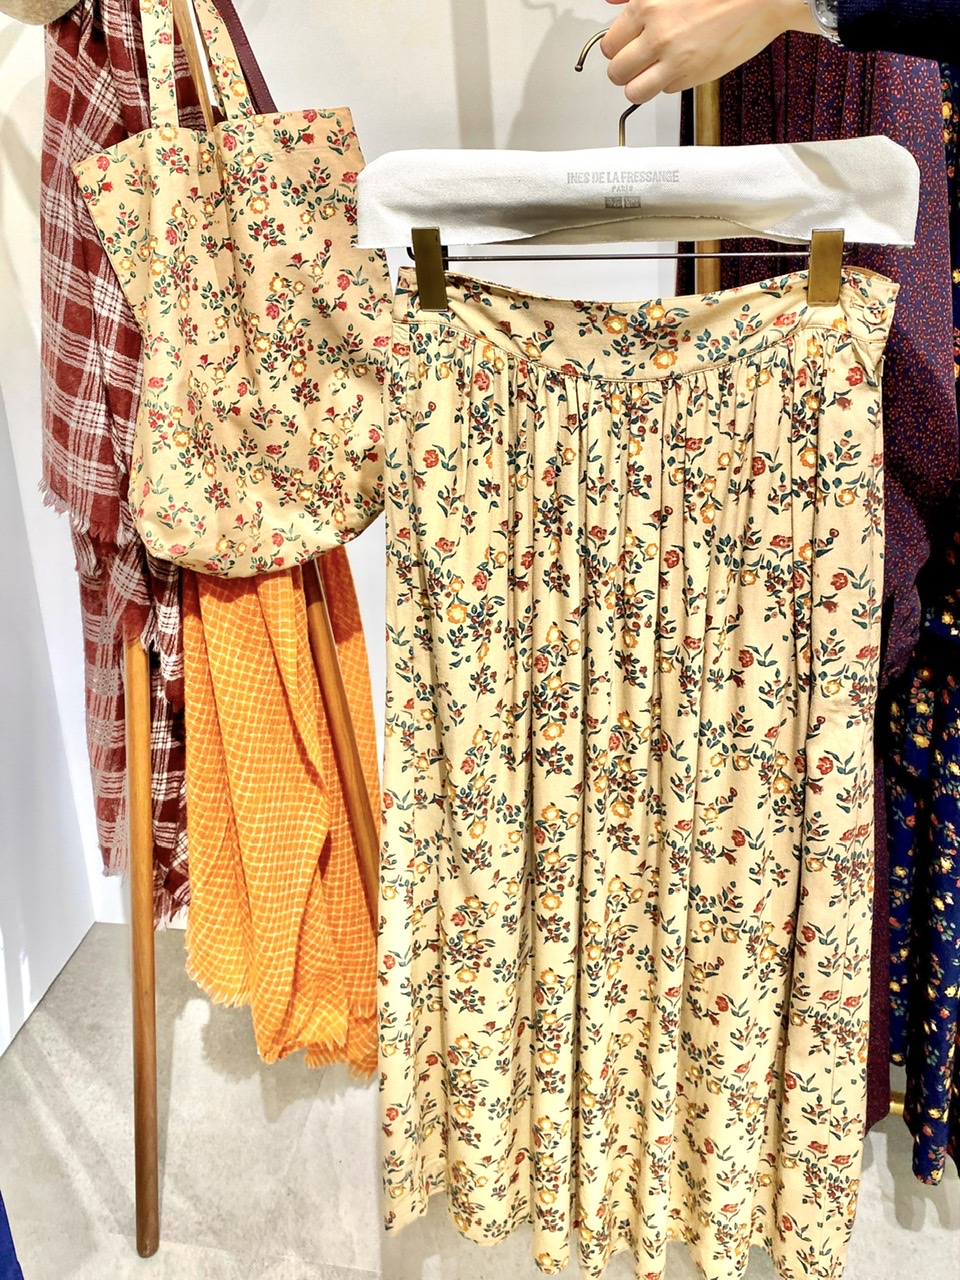 ユニクロ×イネスの花柄スカートと布トートバッグ